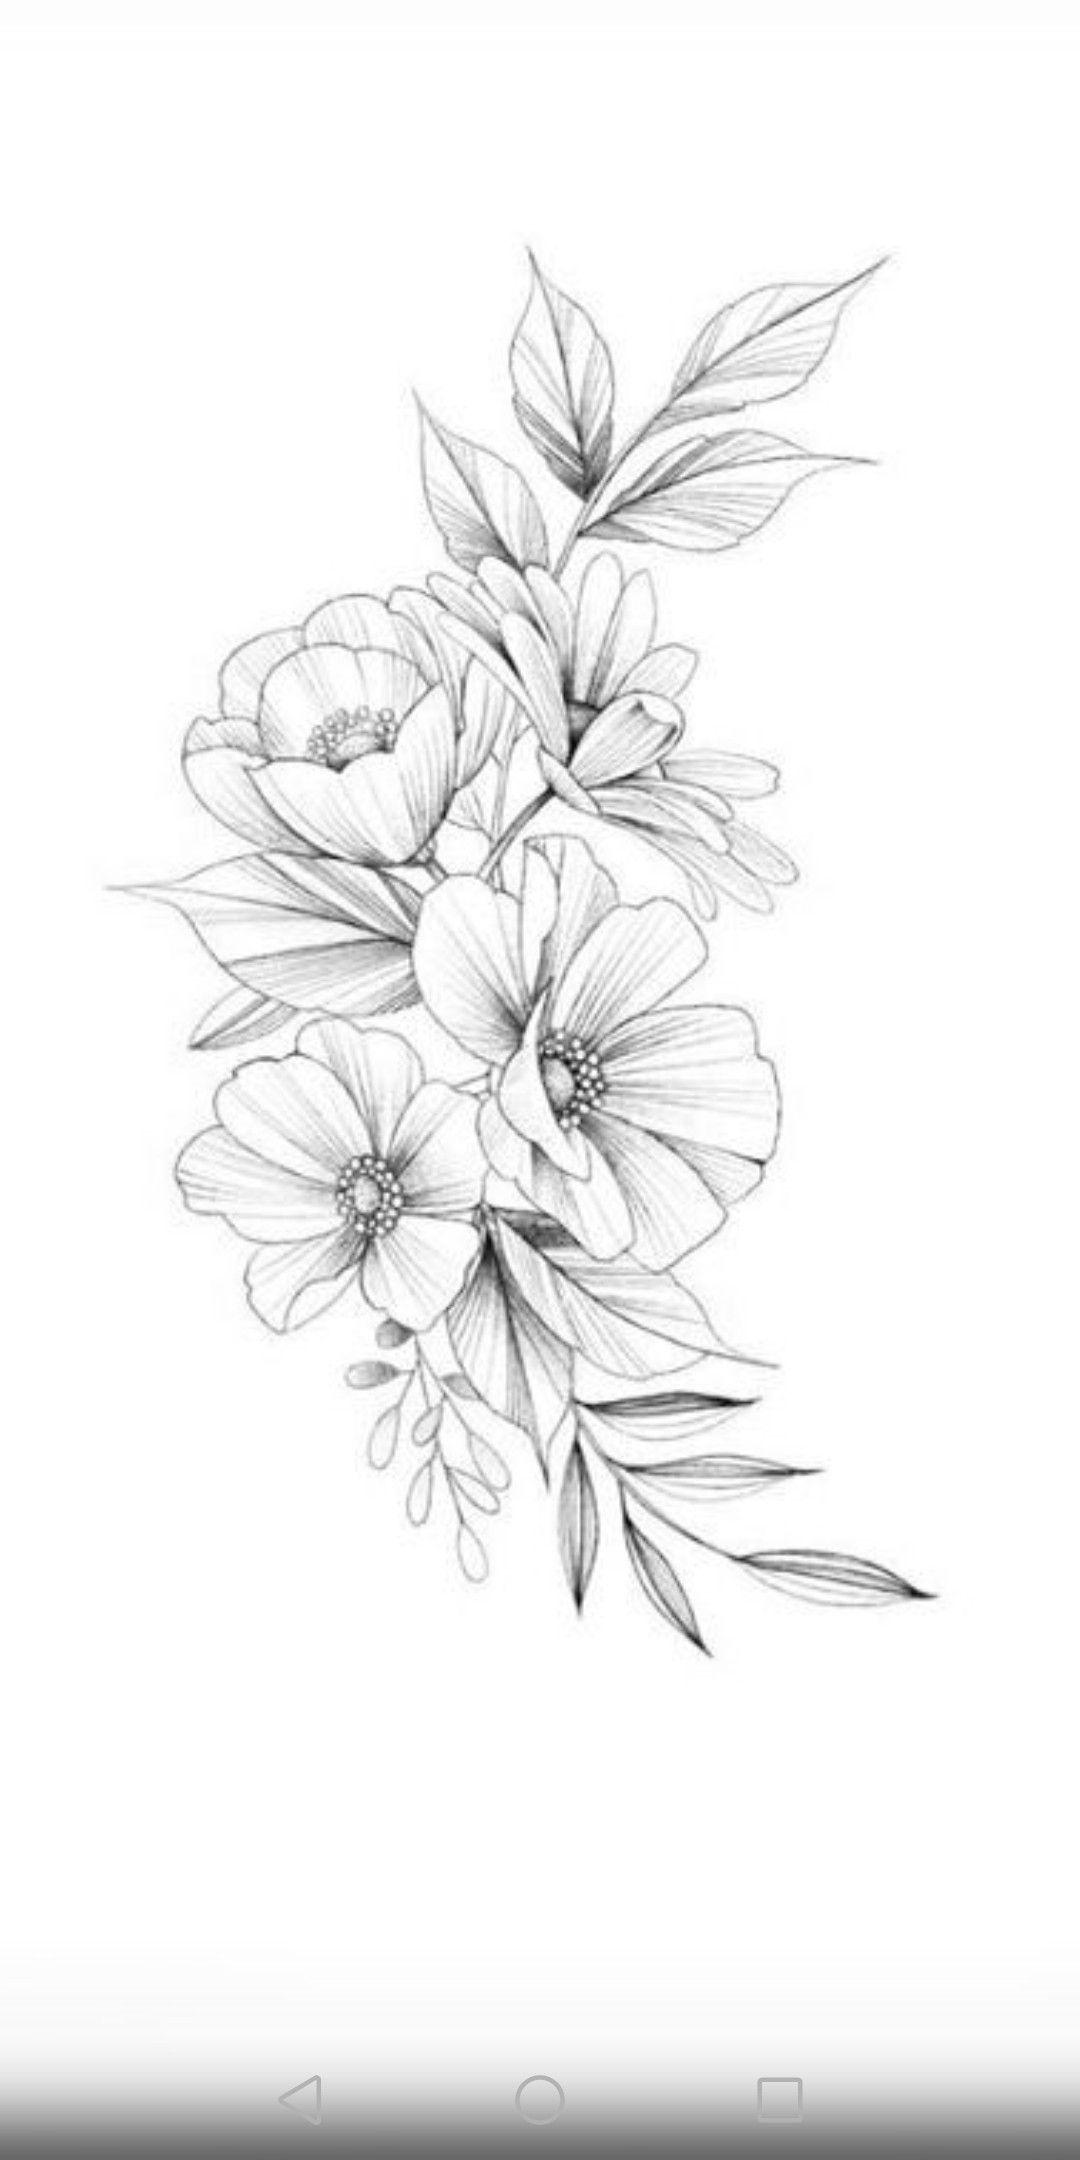 Rose Tattoo Tattooist Bery Tattooflash Flower Drawing Design Flower Tattoo Designs Beautiful Flower Drawings